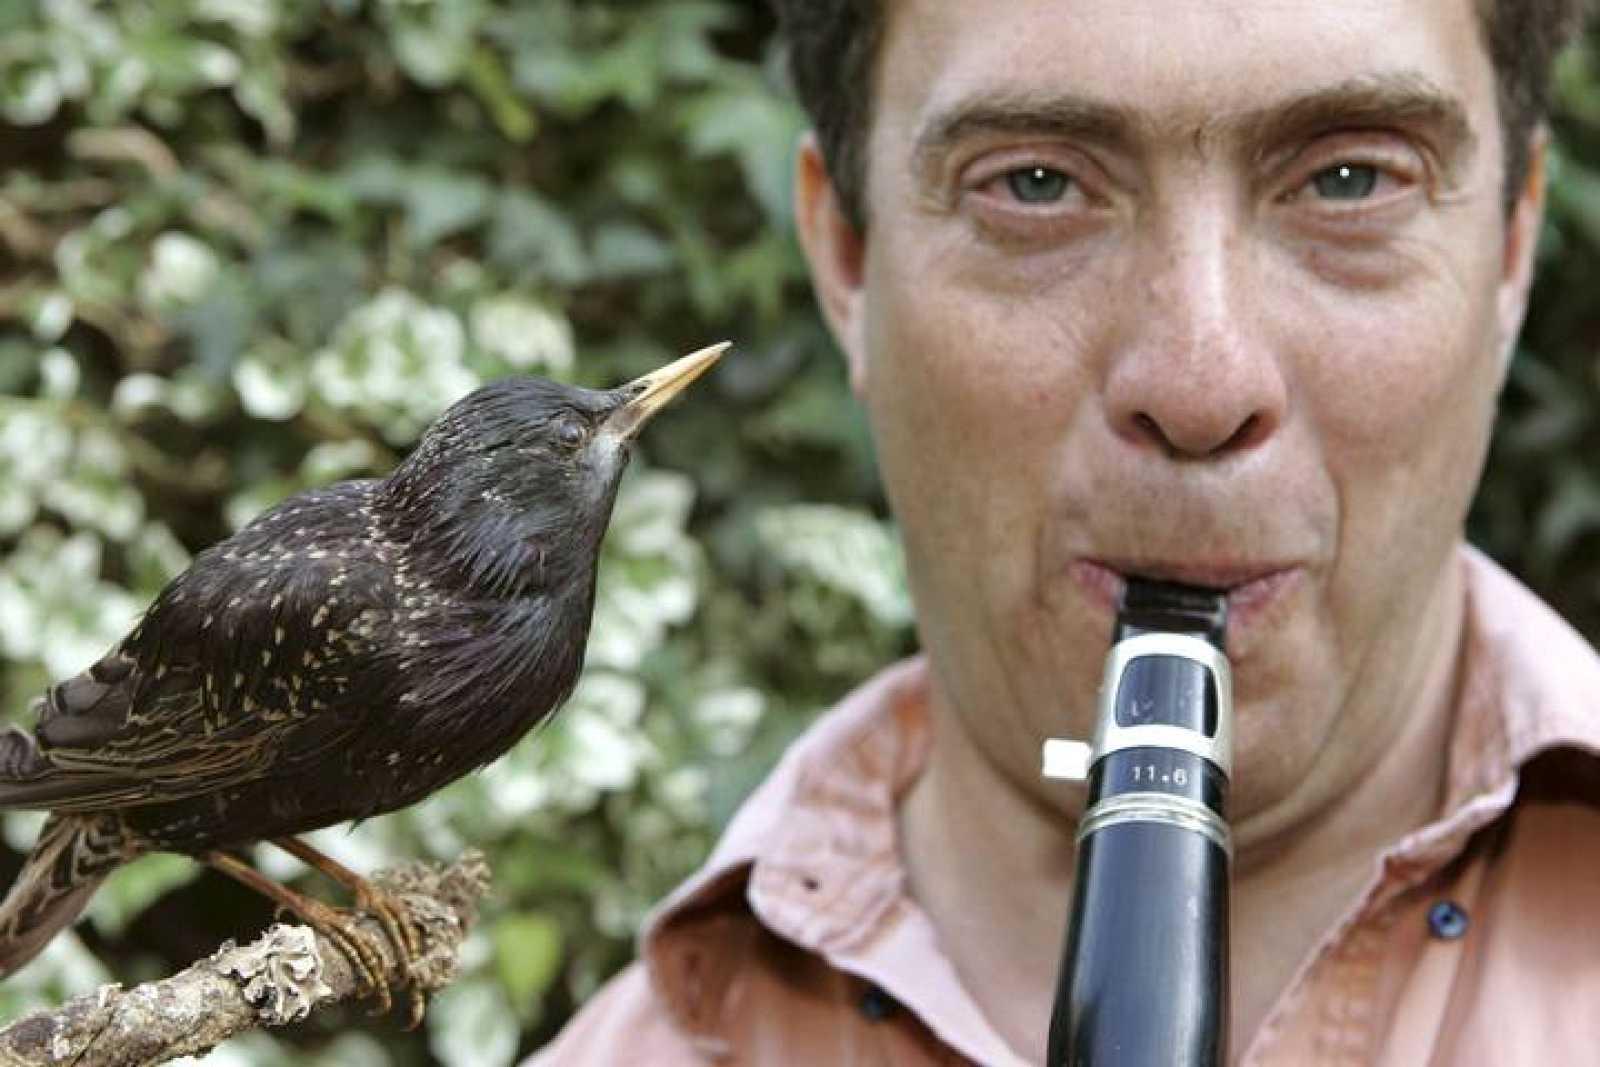 El ornitólogo y músico David Rothenberg con un pájaro